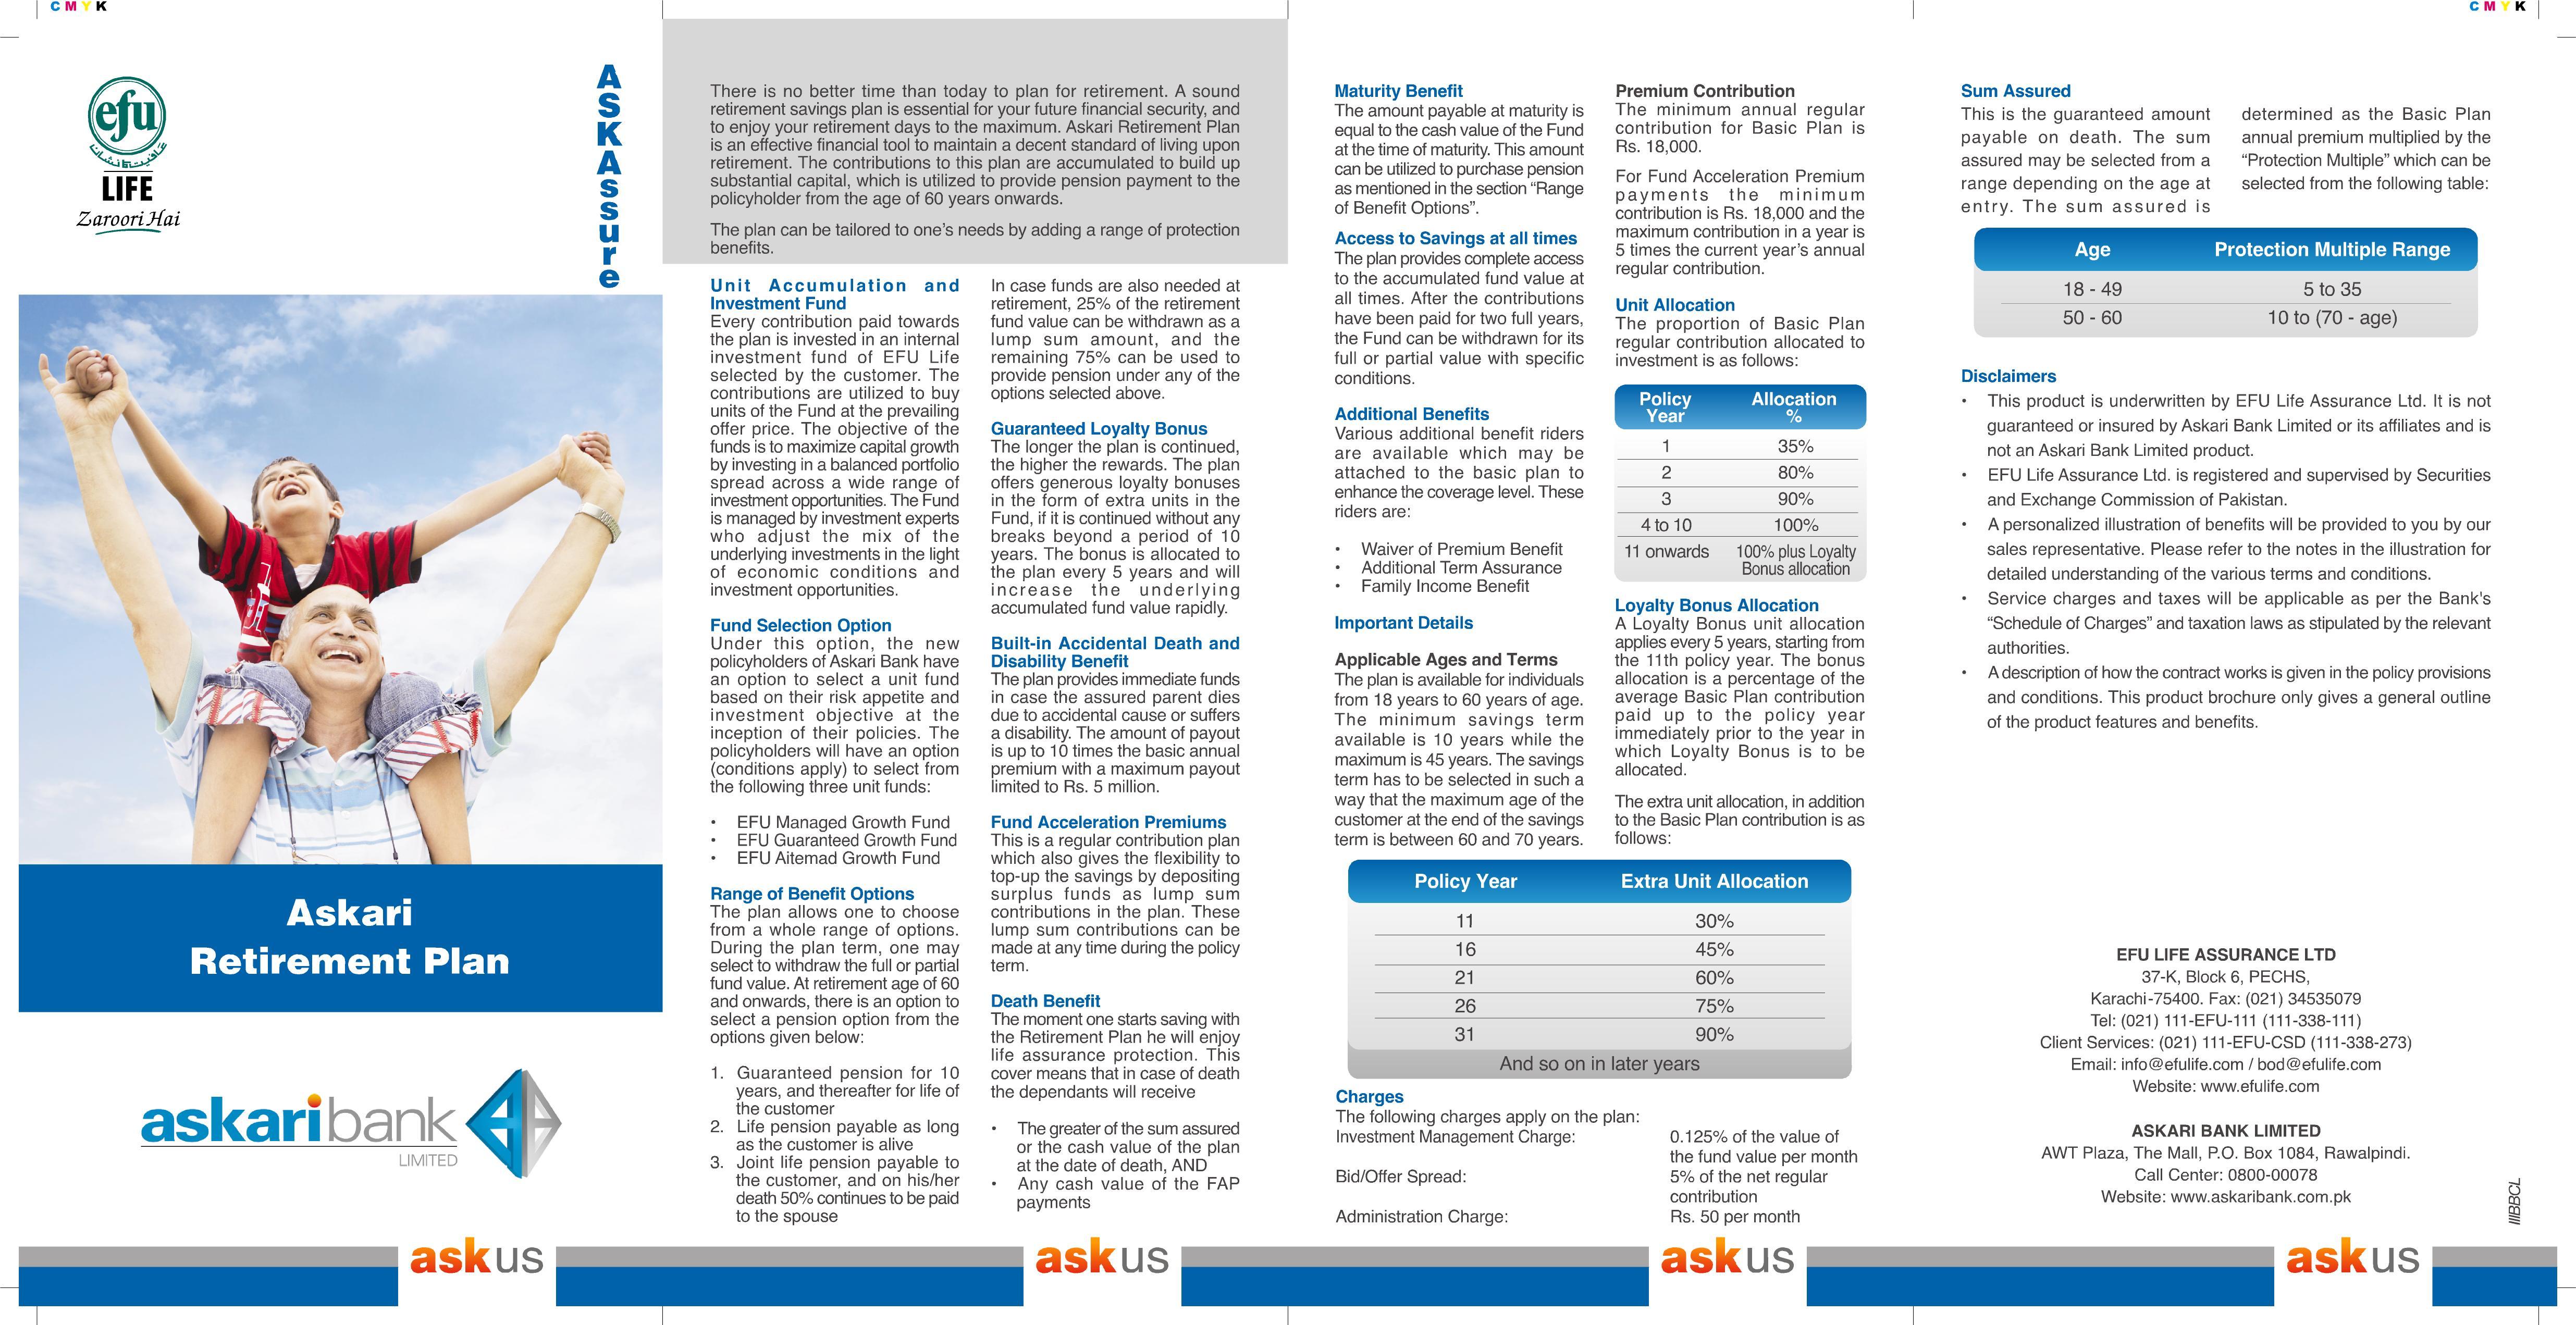 askari bank annual report